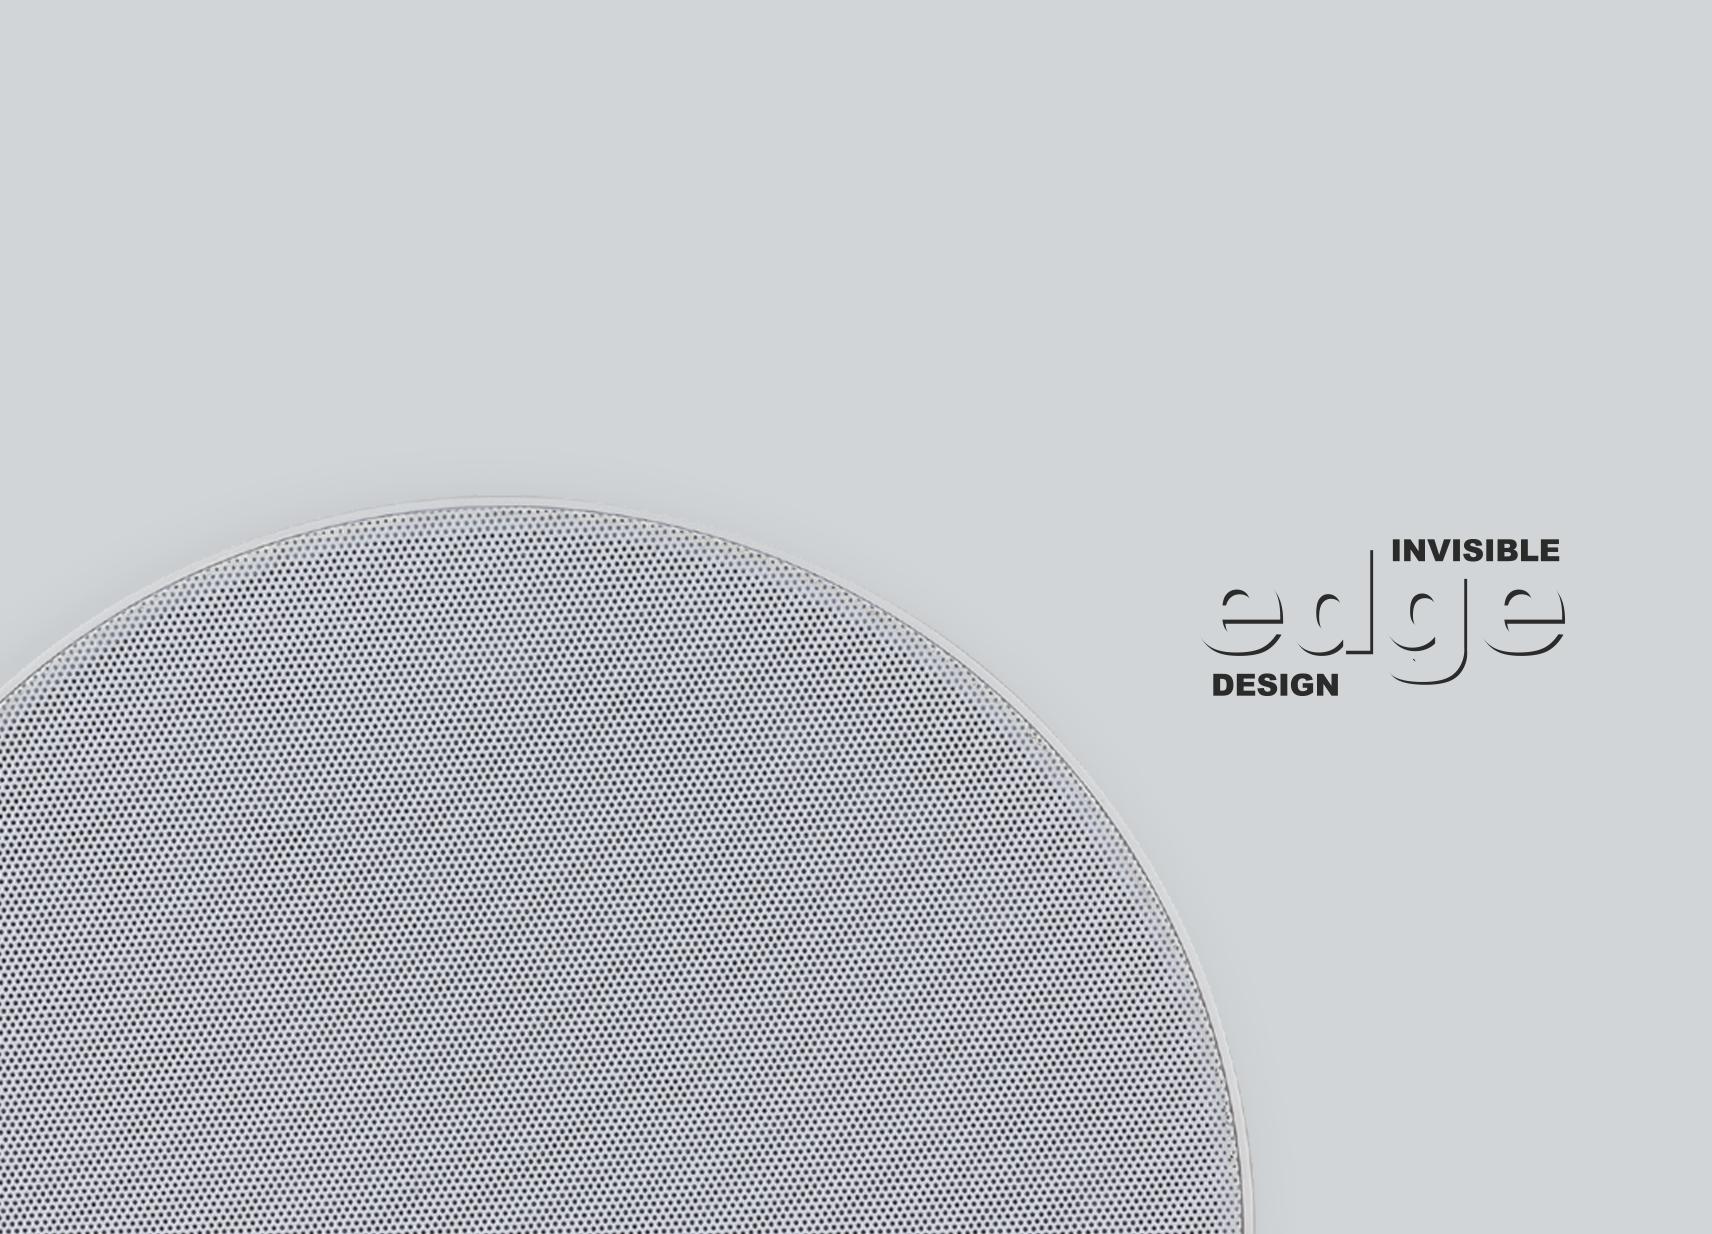 Invisible Edge Design